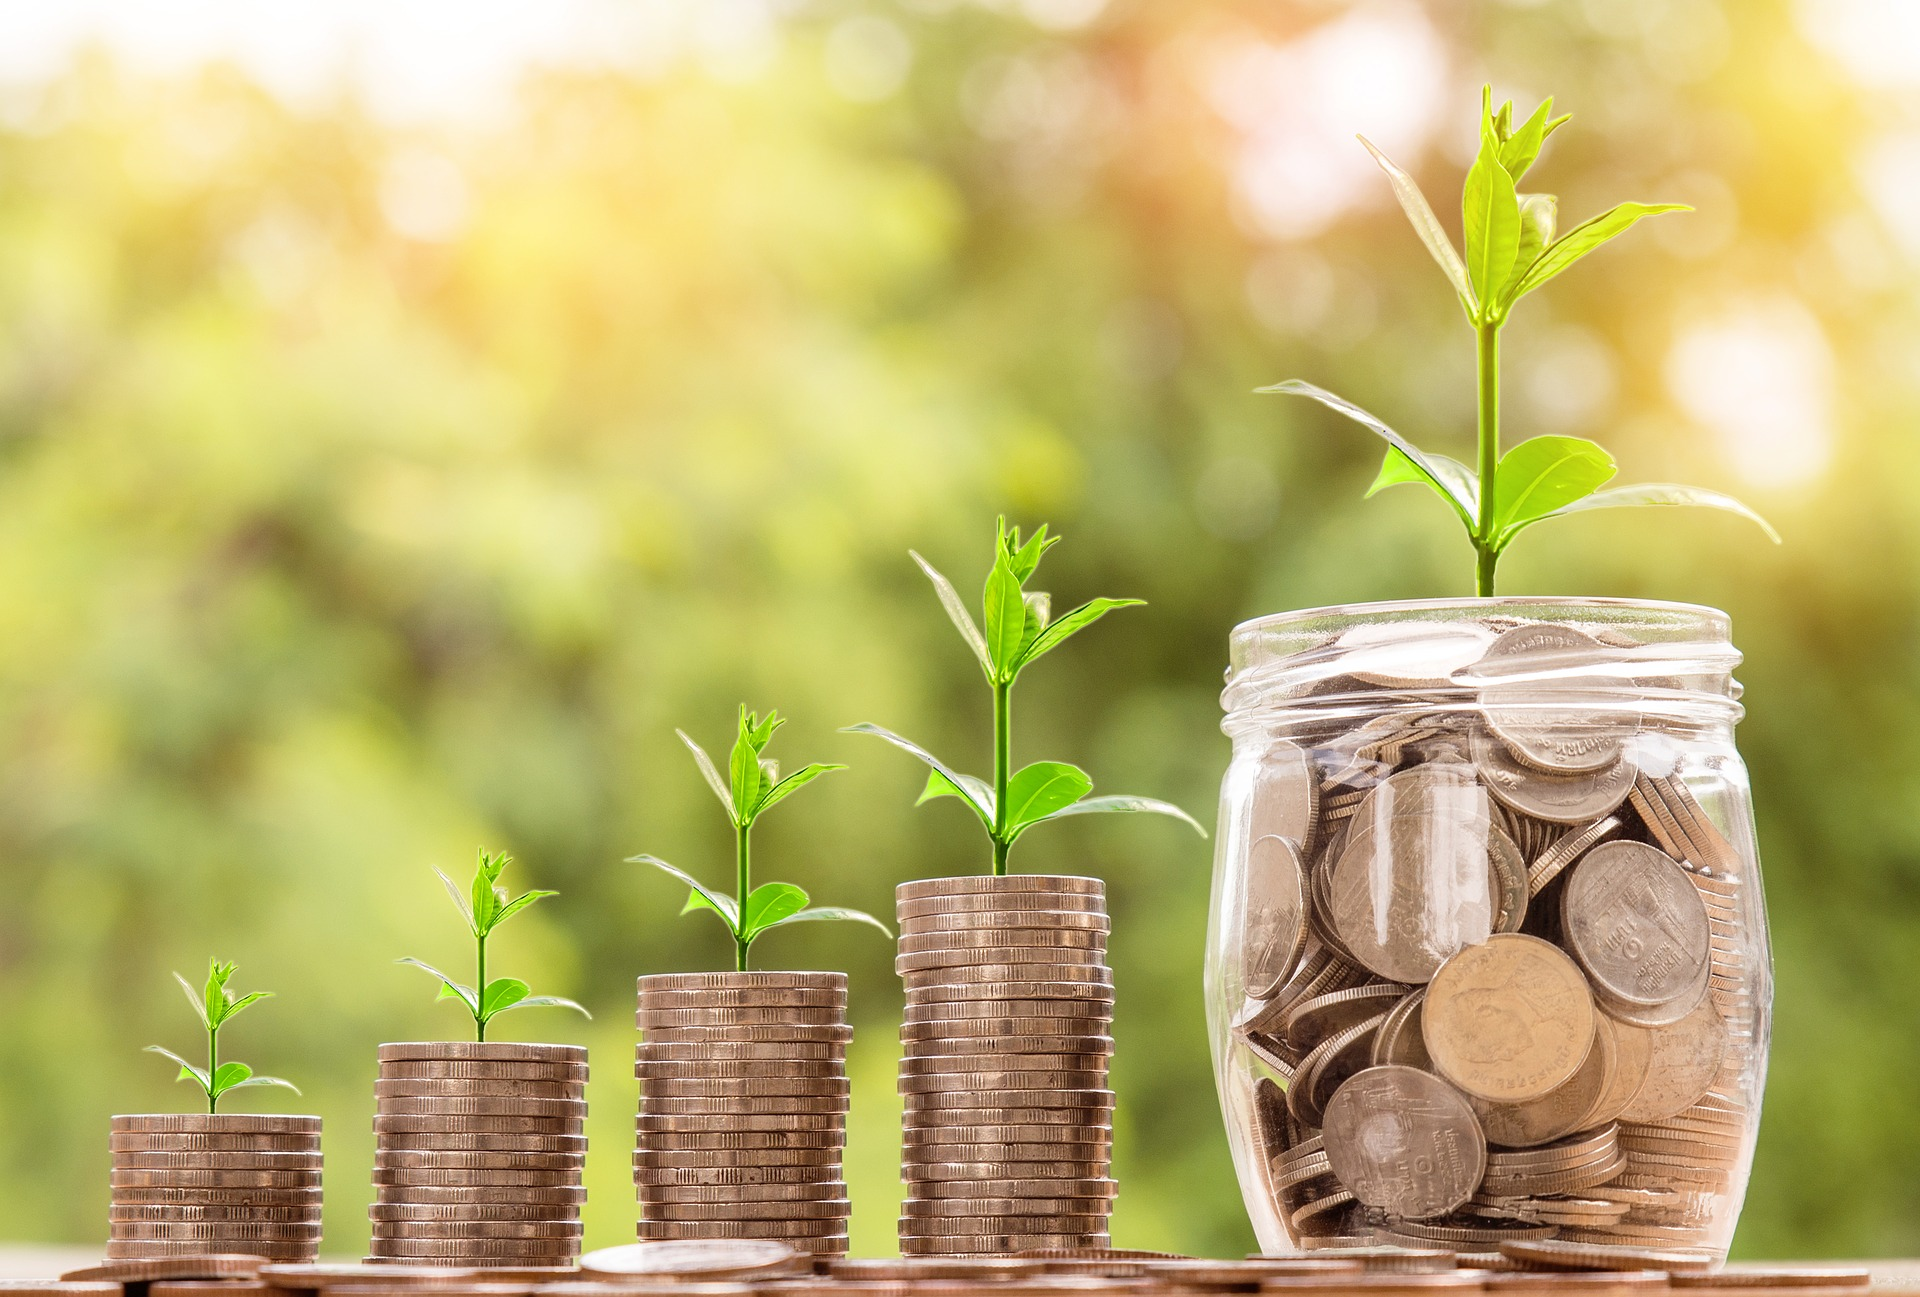 Что мешает людям стать финансово независимыми